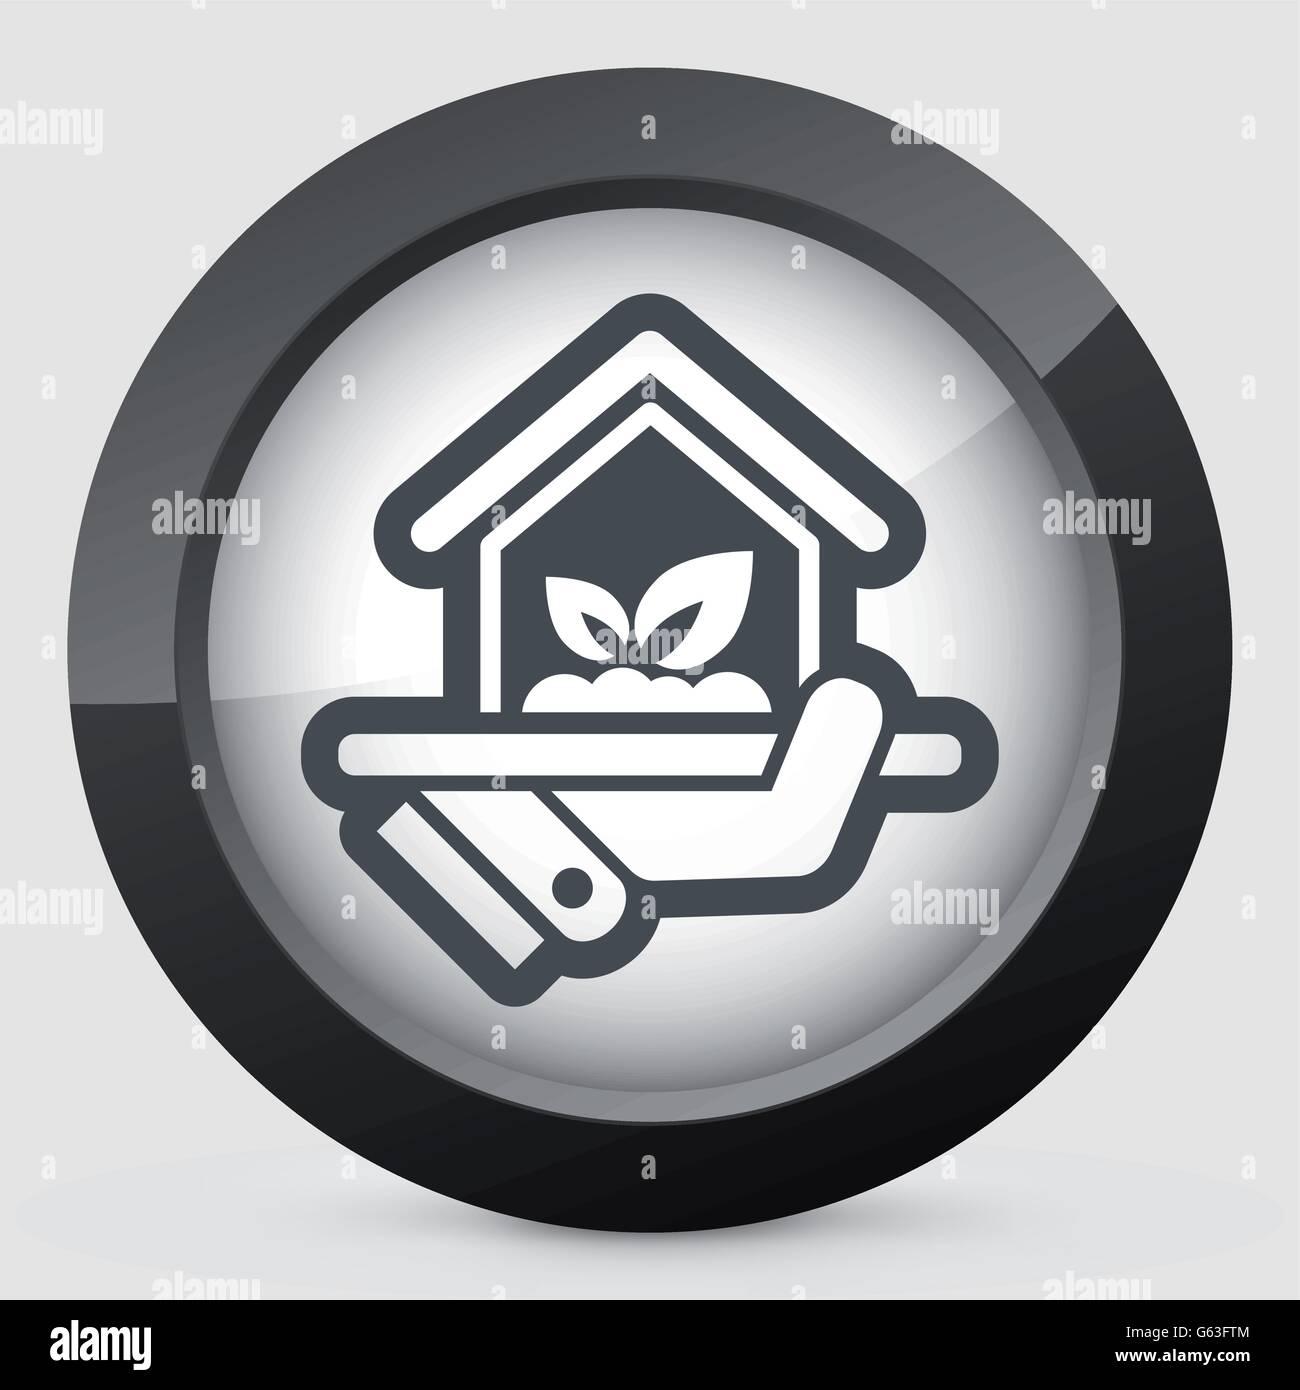 Indoors garden icon - Stock Vector